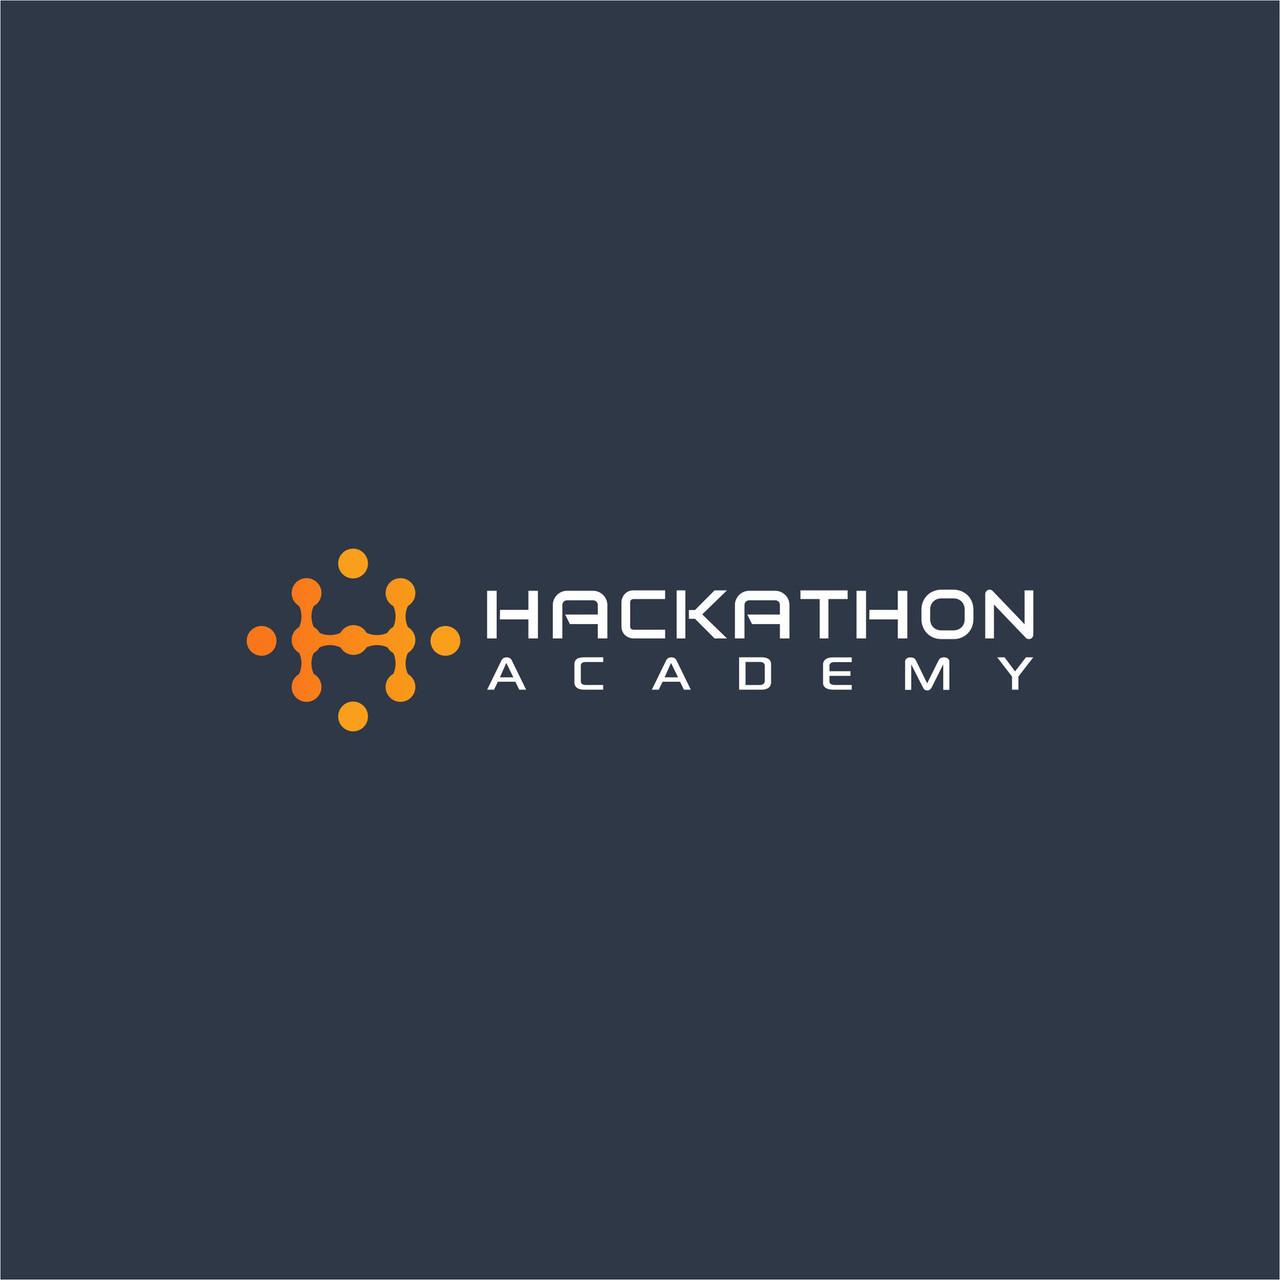 Hackathon Academy